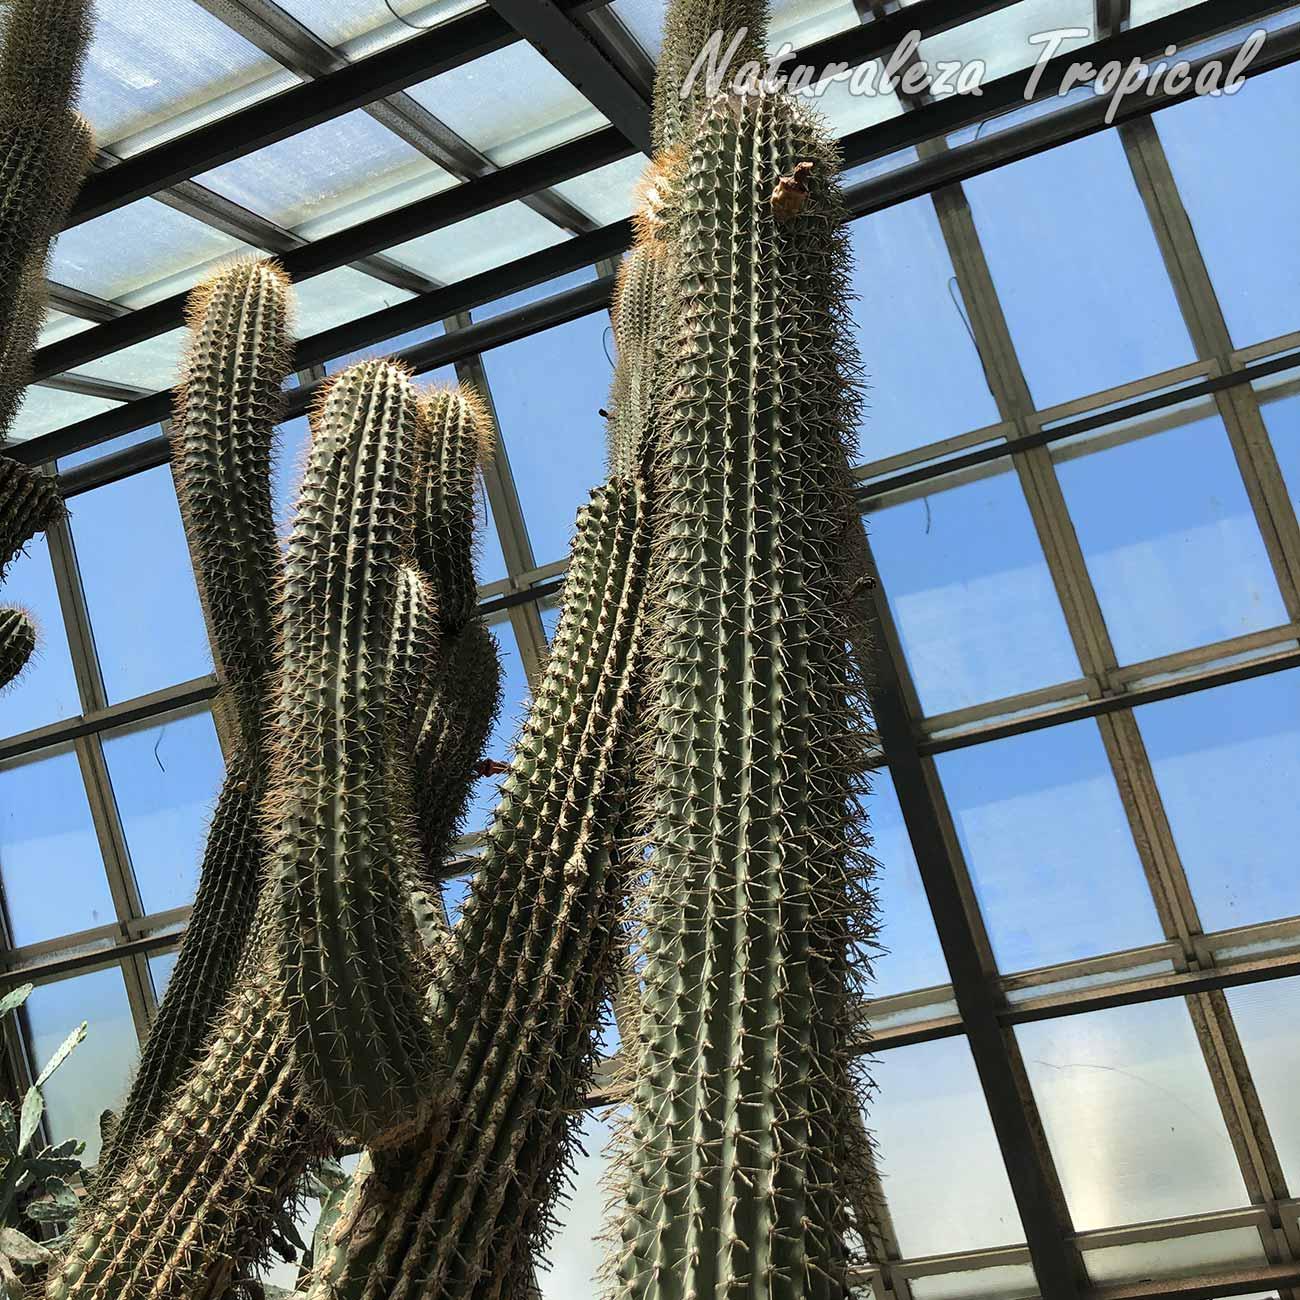 Otra imagen de los tallos del cactus Neobuxbaumia scoparia